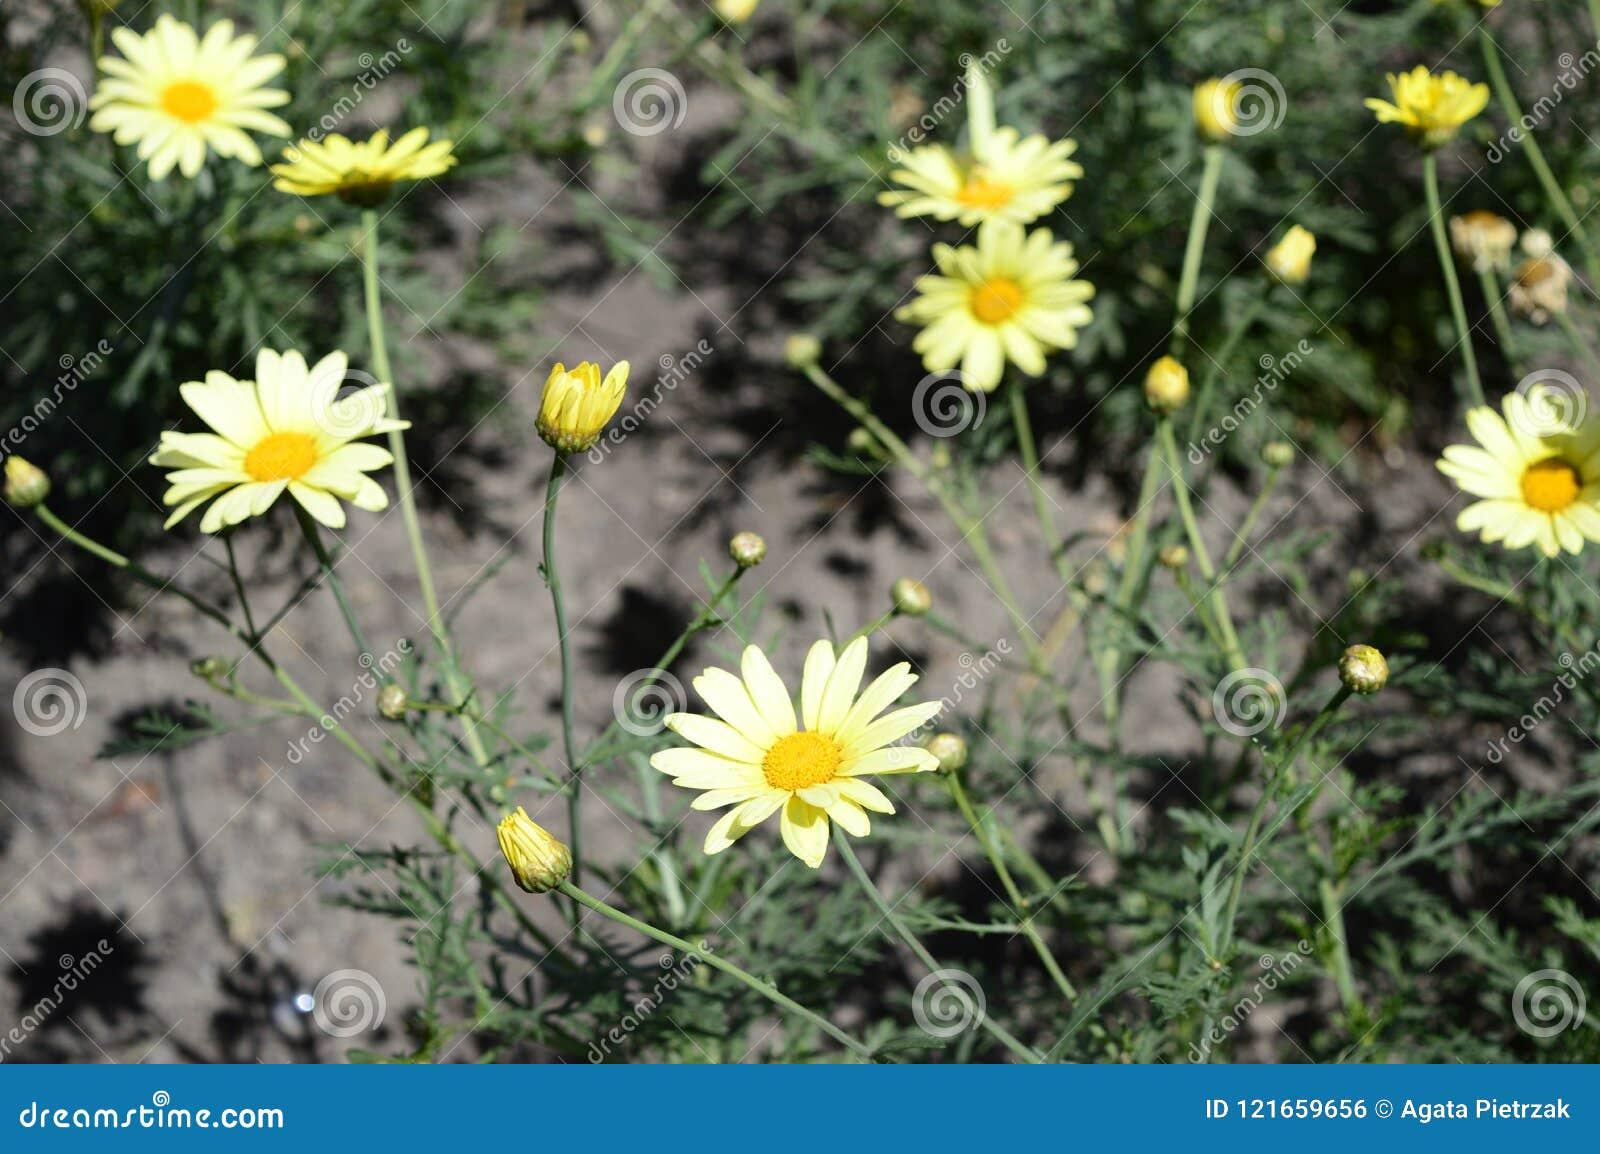 Small yellow daisies in summer time stock photo image of euryops pectinatus beautiful flowers like yellow daisies izmirmasajfo